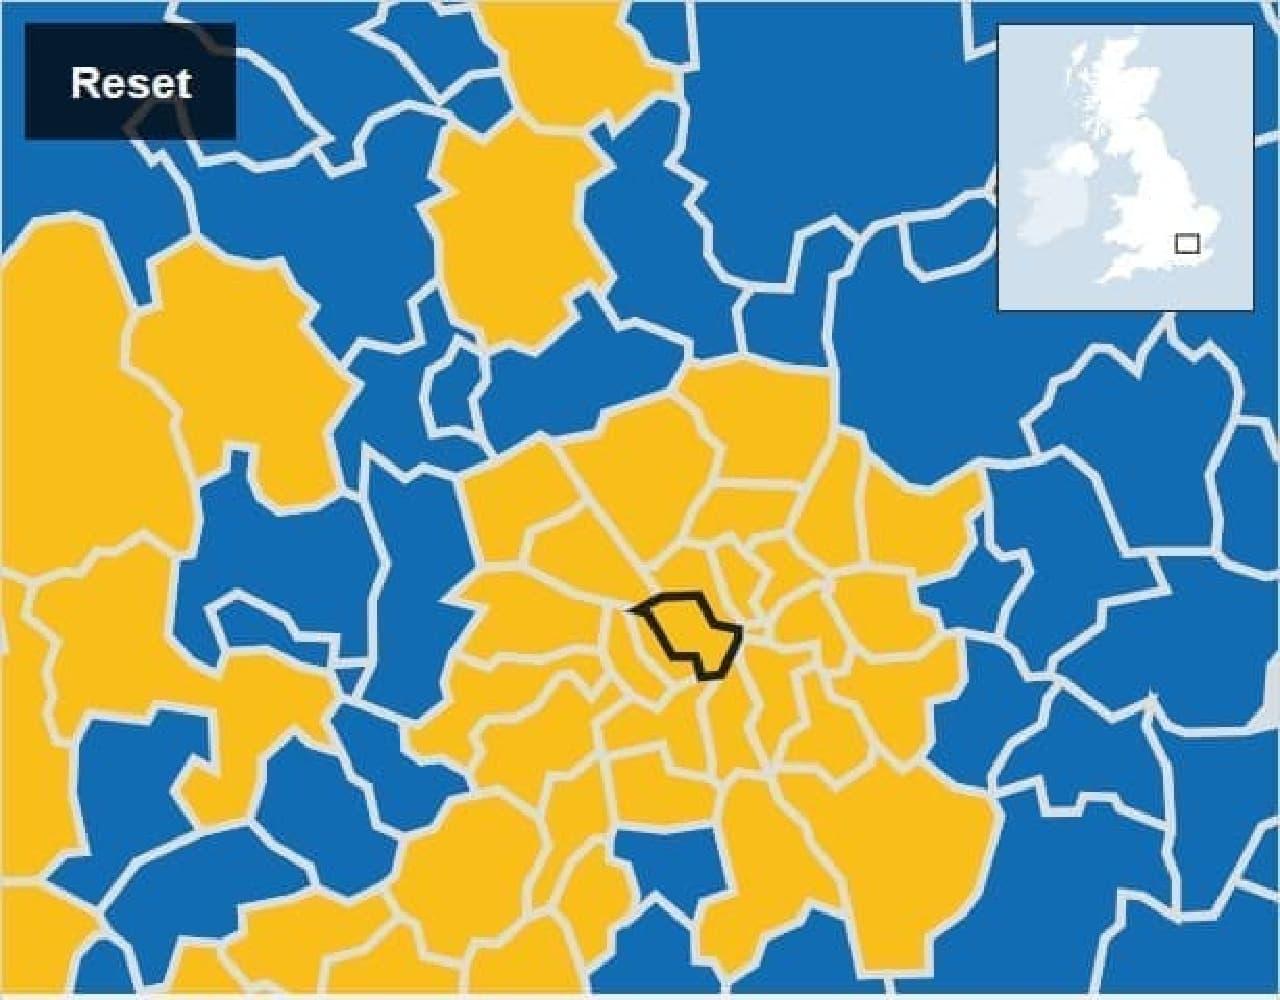 ロンドンの残留派勢力図